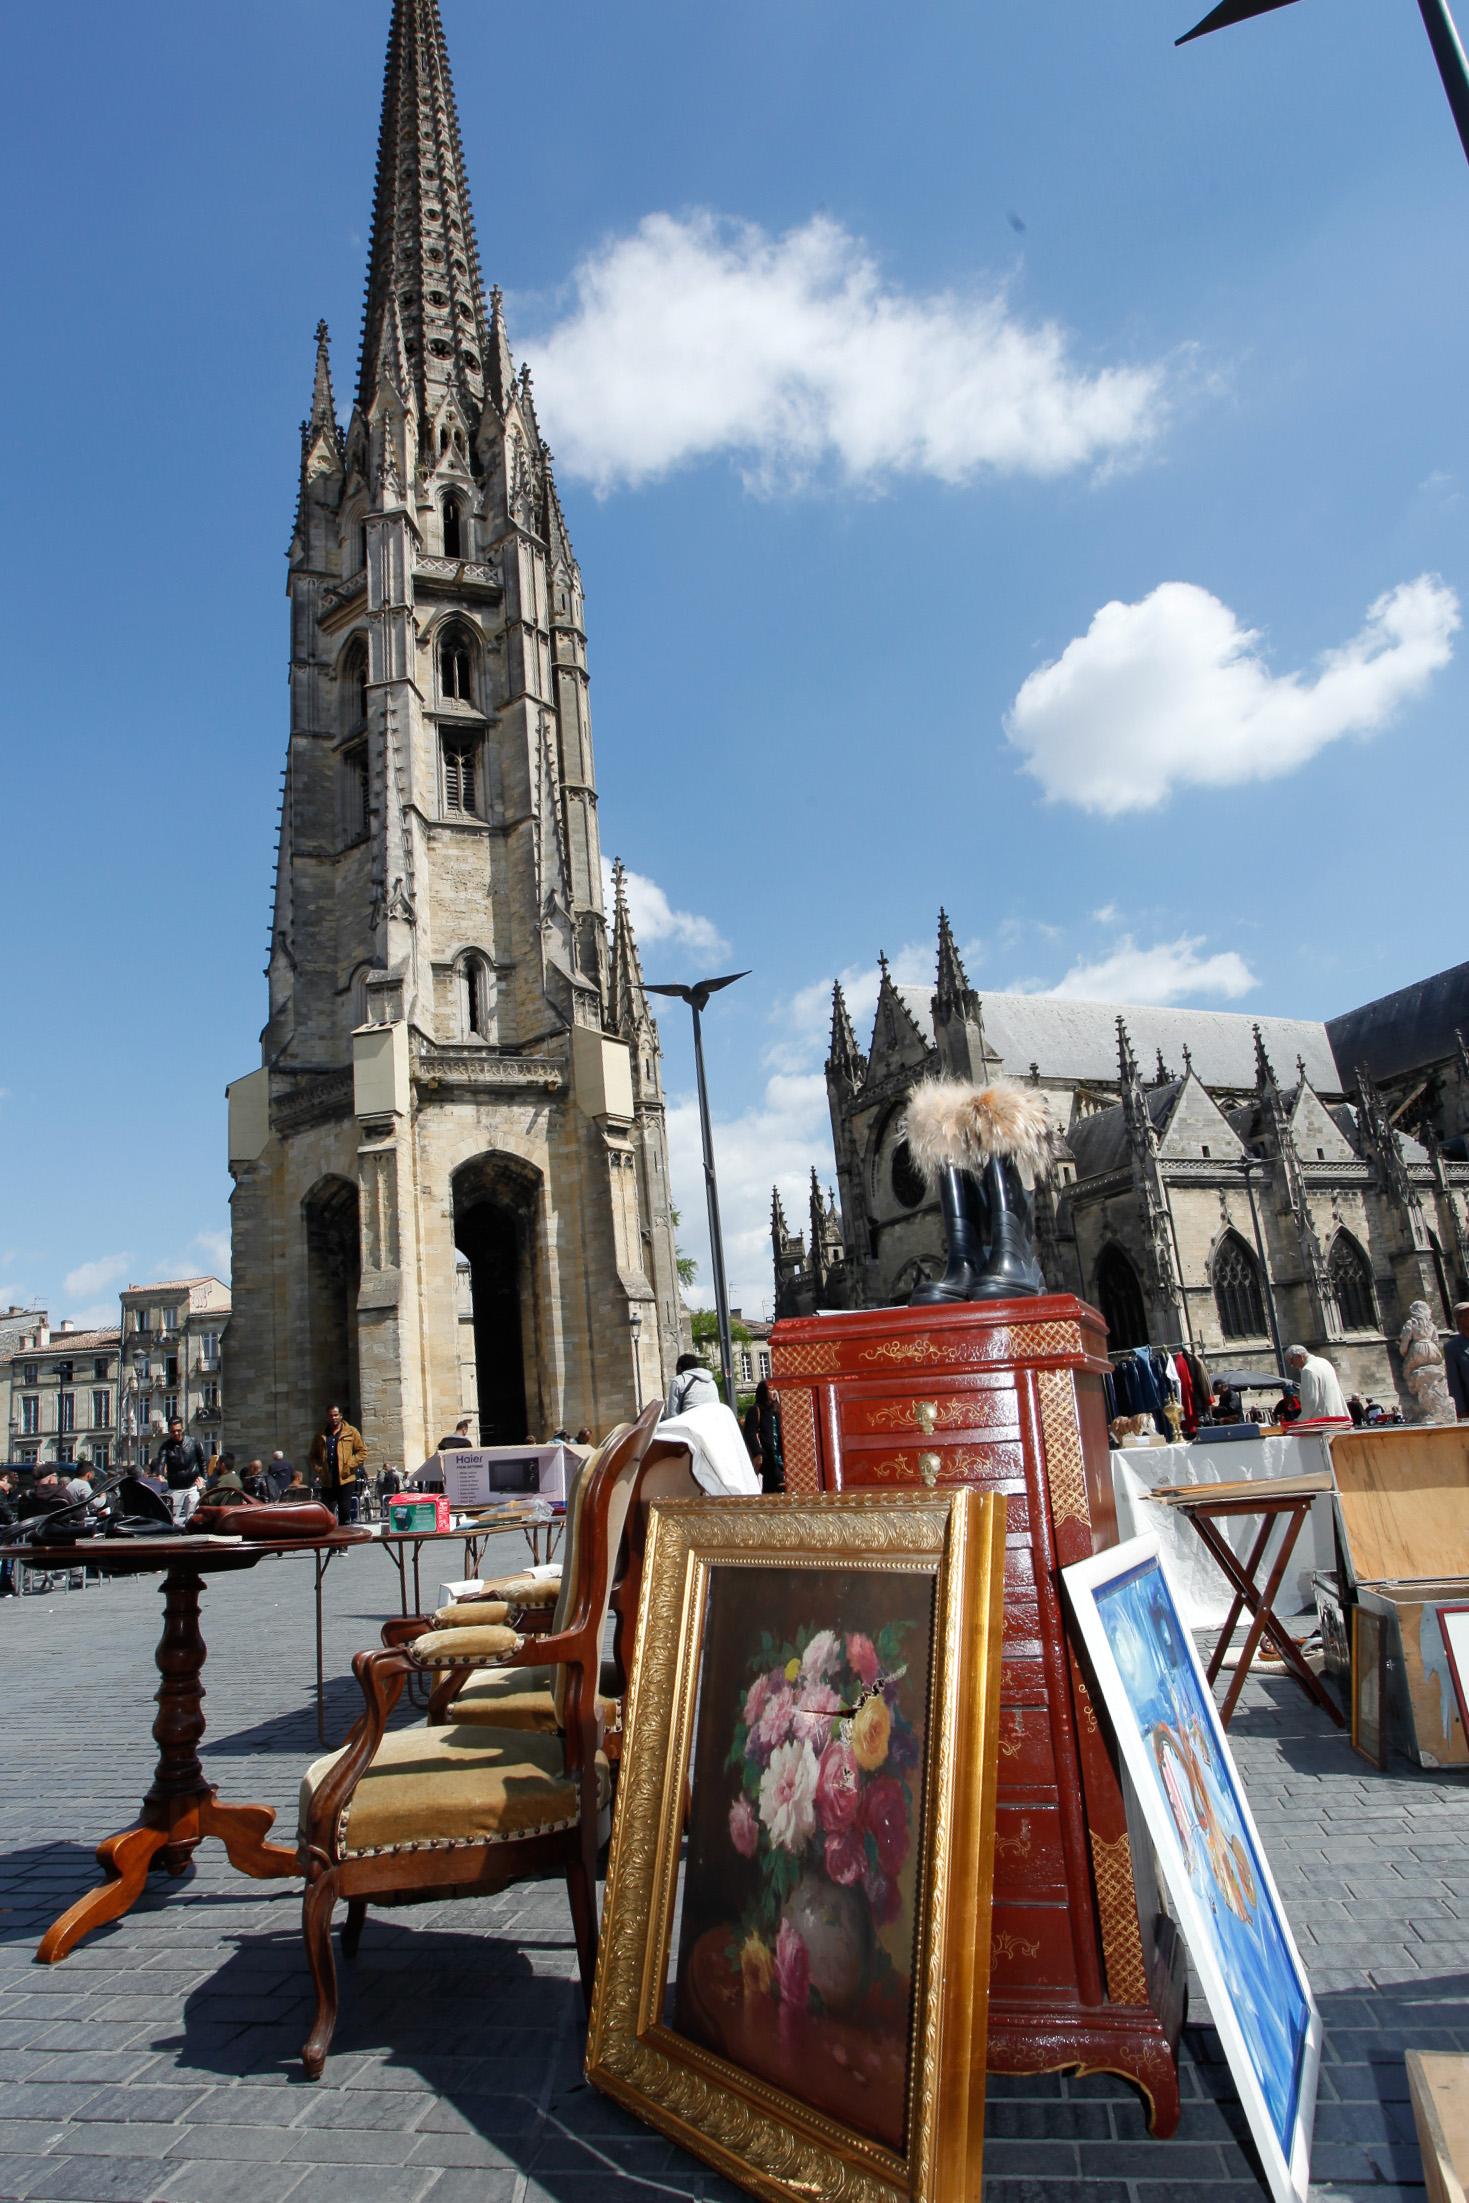 Trödel und ein Ölschinken vor der Kulisse des Kirchturms von St. Michel.